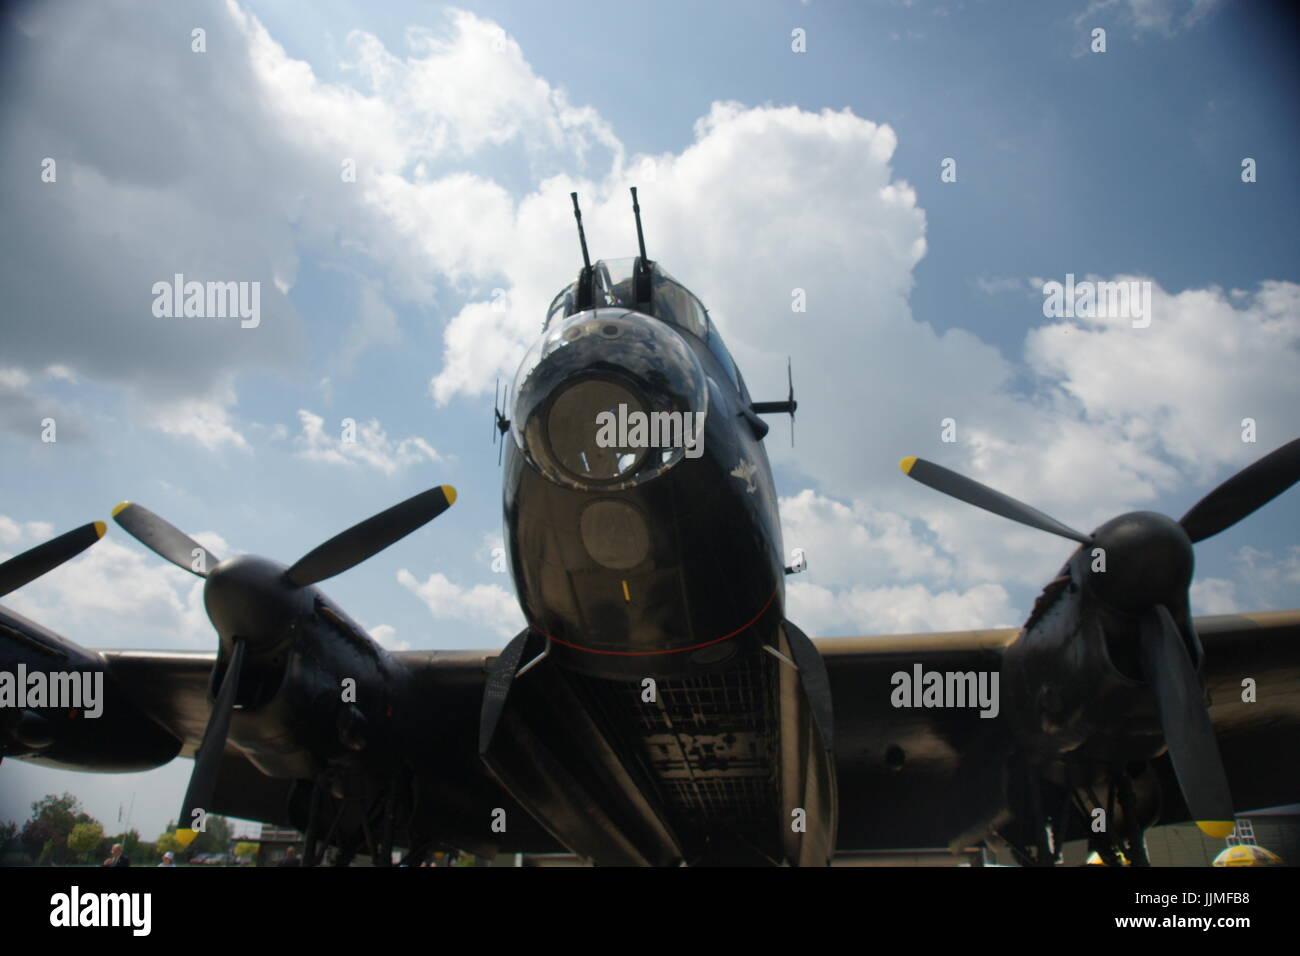 Avro Lancaster bomber, world war two heavy bomber - Stock Image